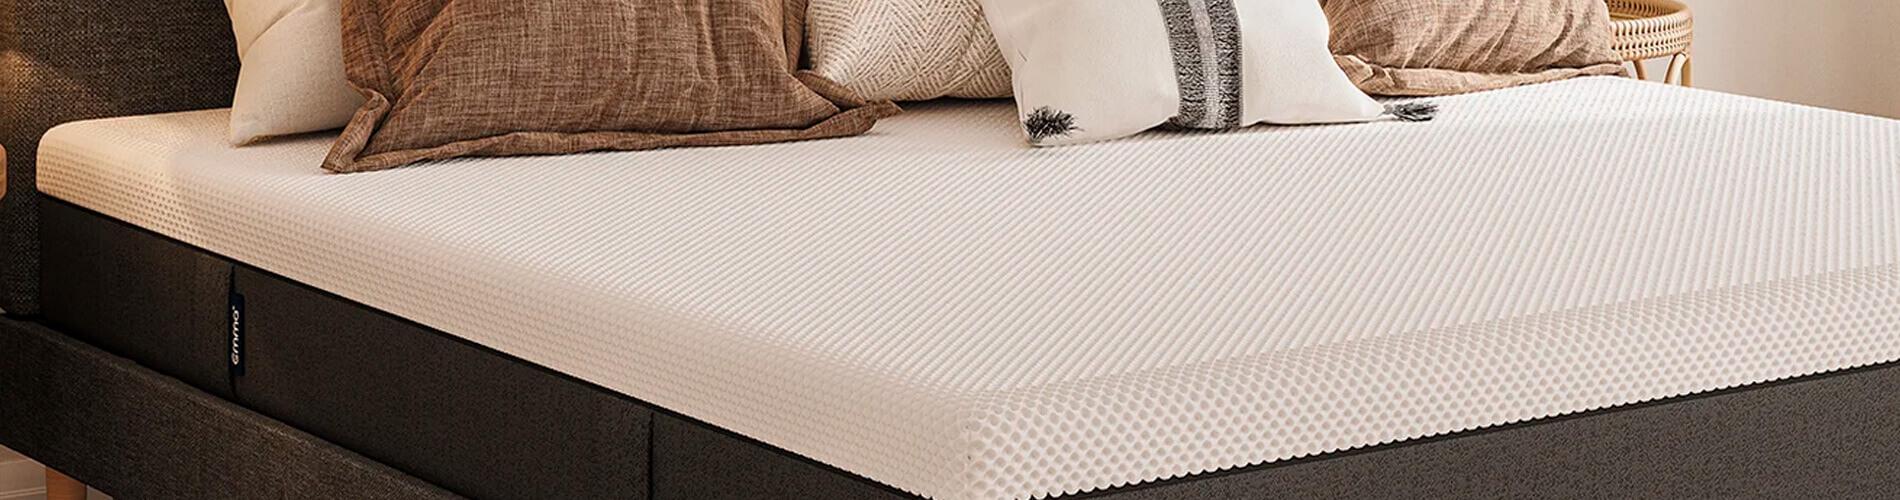 Colchón emma Hybrid para personas calurosas que deseen disfrutar de un descanso fresco y seco